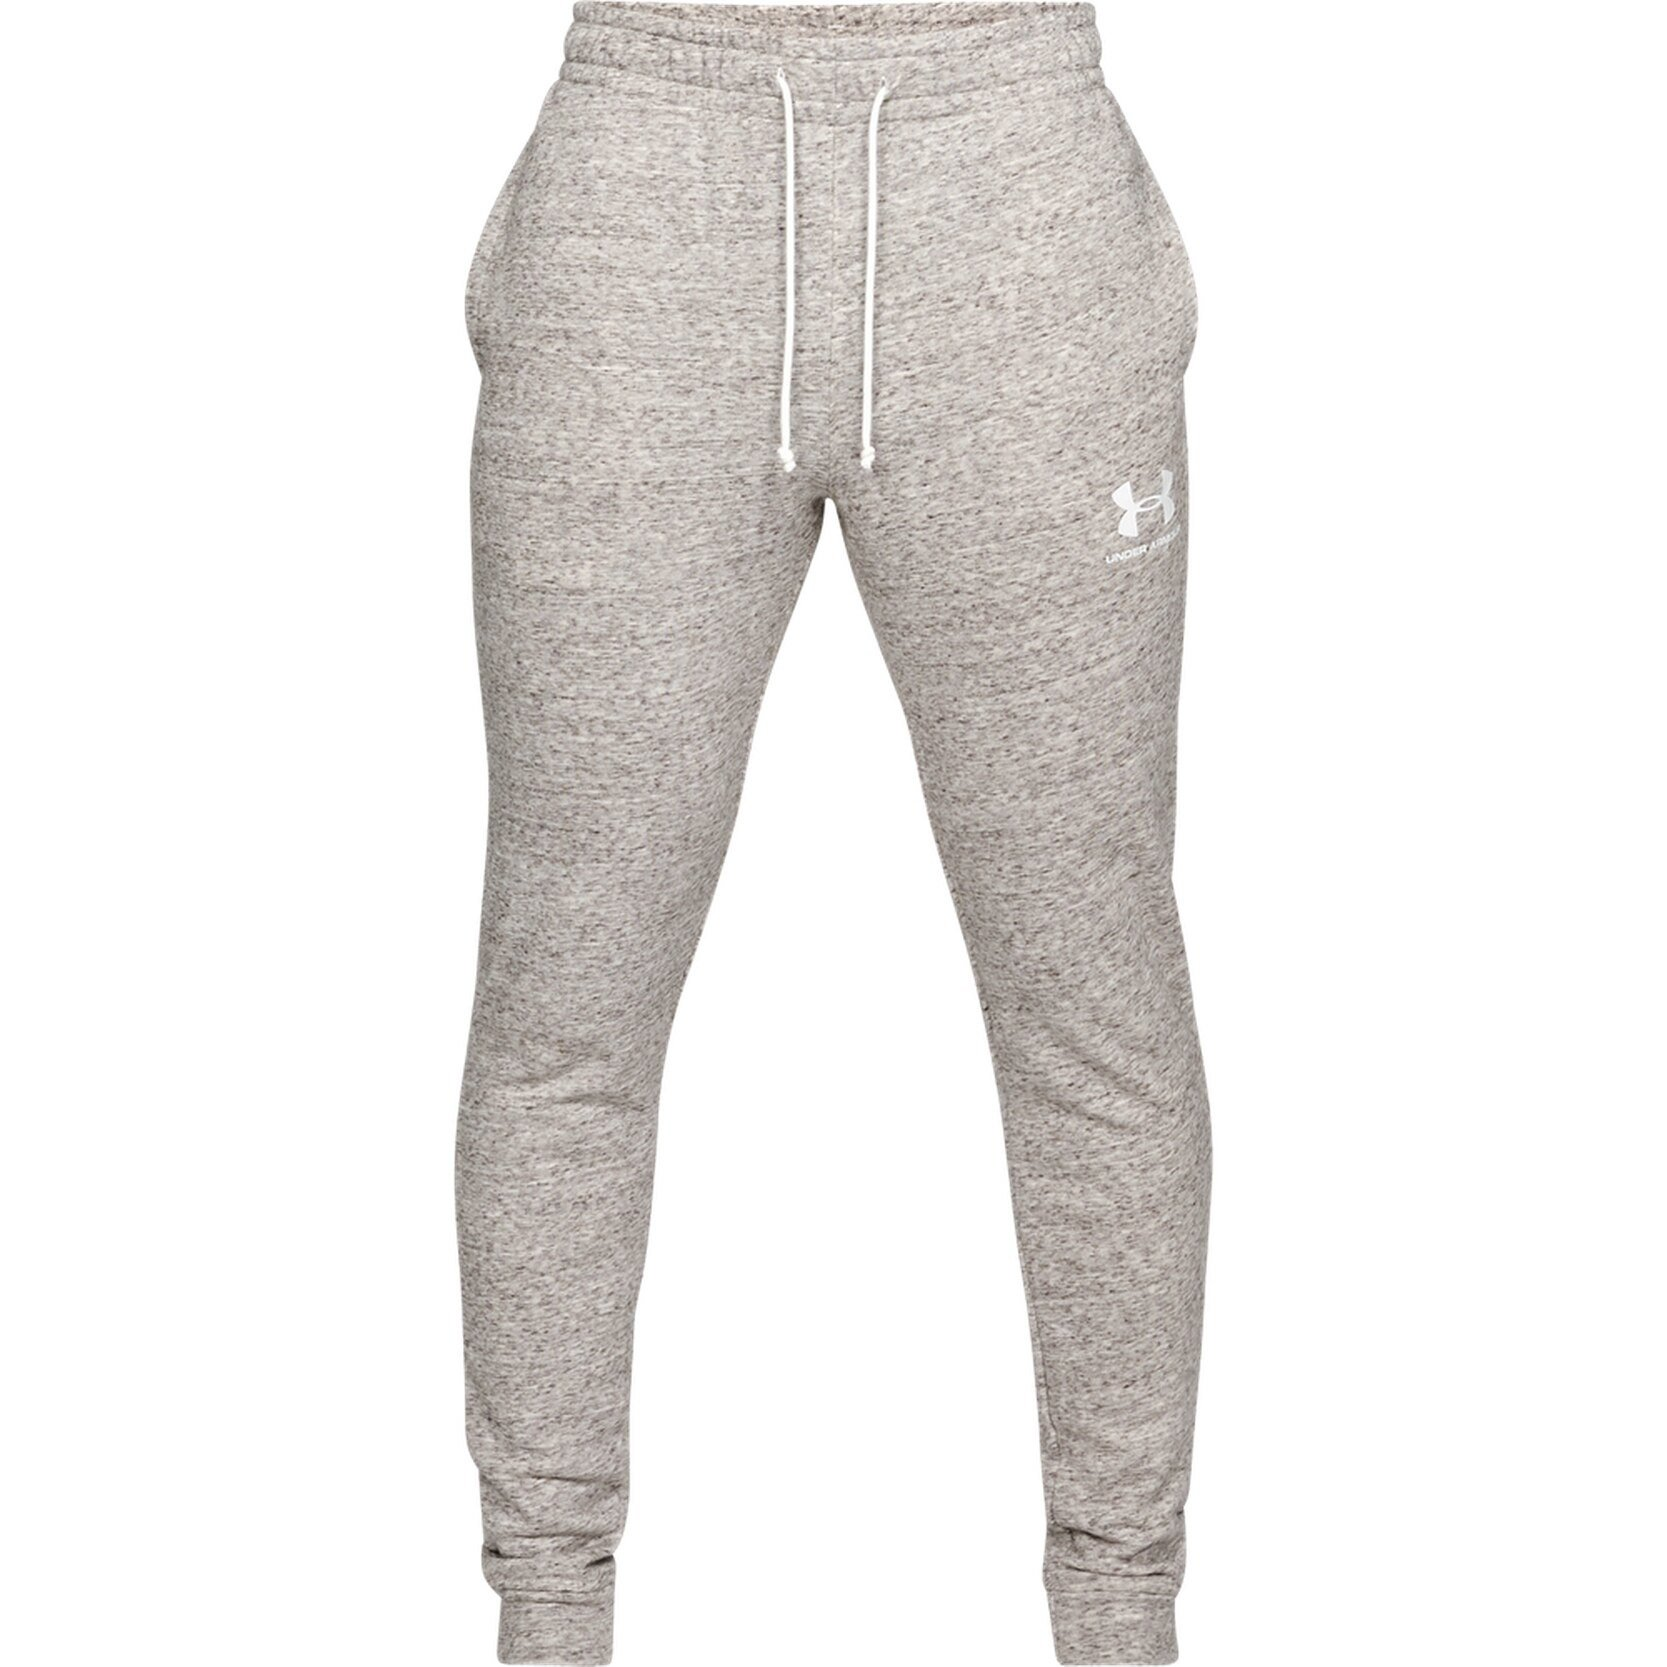 a5f91e4a1a8de9 Kliknij, aby powiększyć · Under Armour Spodnie Dresowe Sportowe SPORTSTYLE  TERRY JOGGER Szare